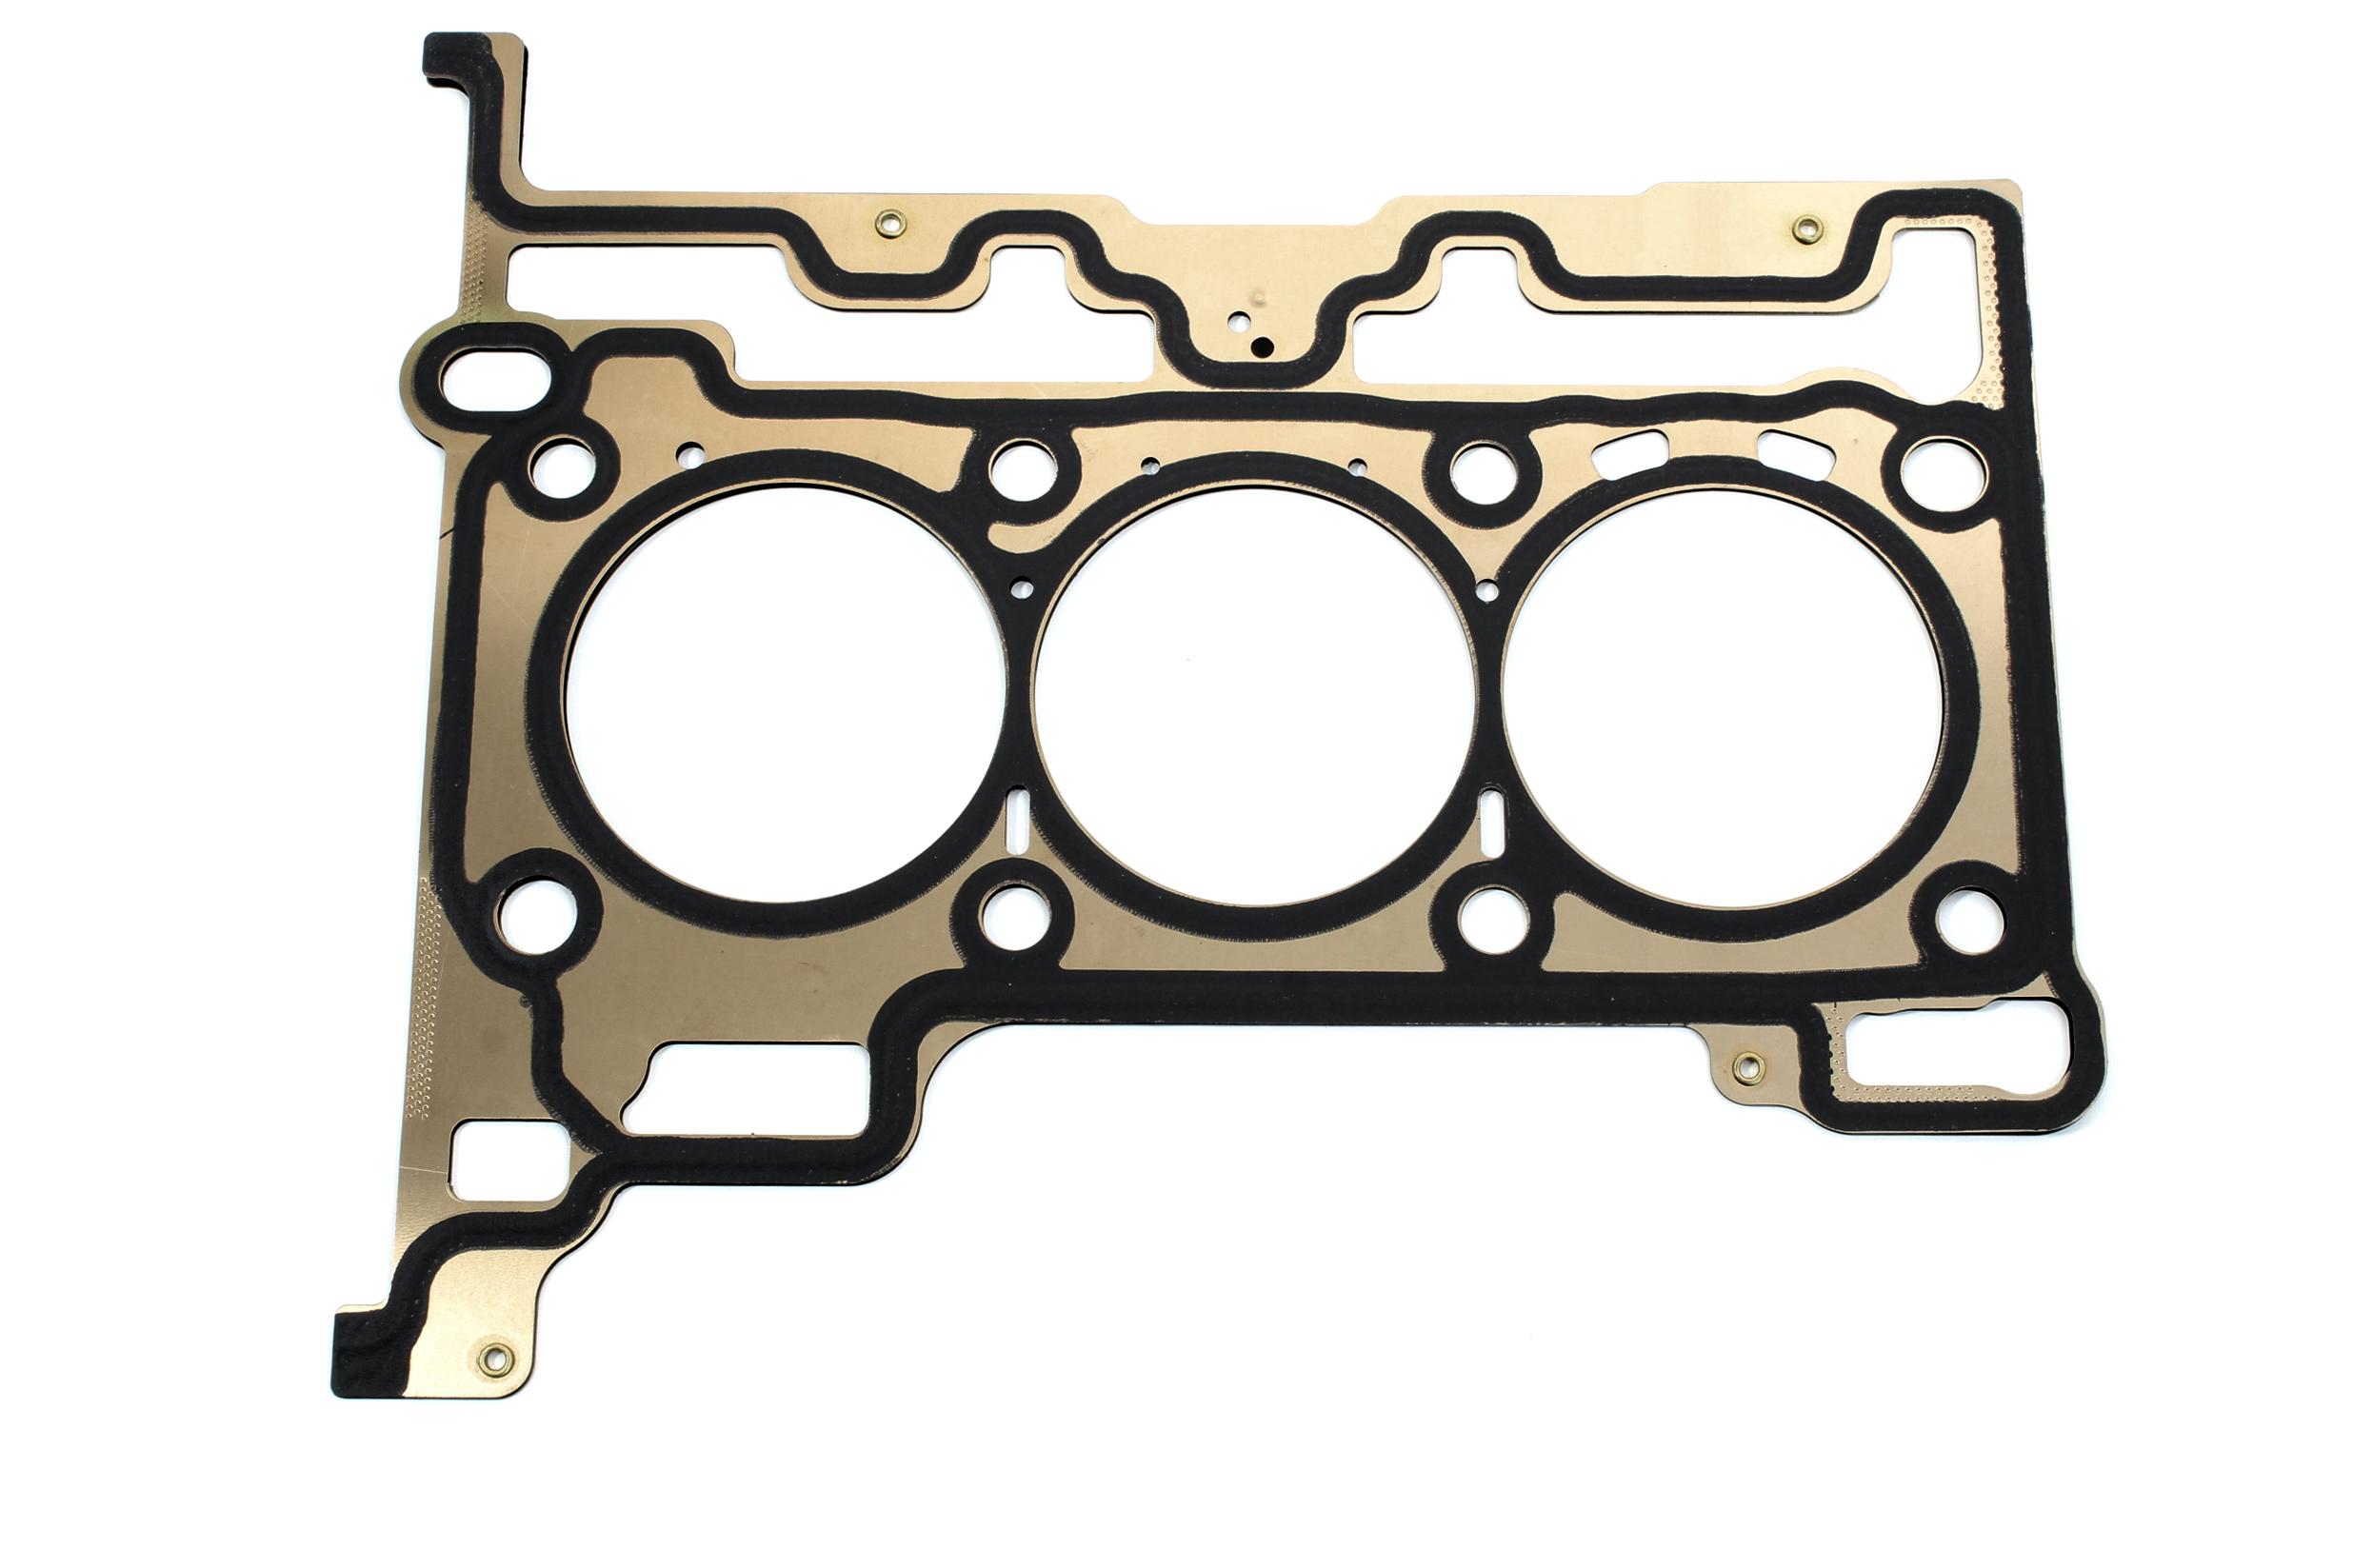 Junta da cabeça do cilindro Selo da Ford 1.0 EcoBoost M1CA M1CB M1DA M1DC HG1650 NOVO